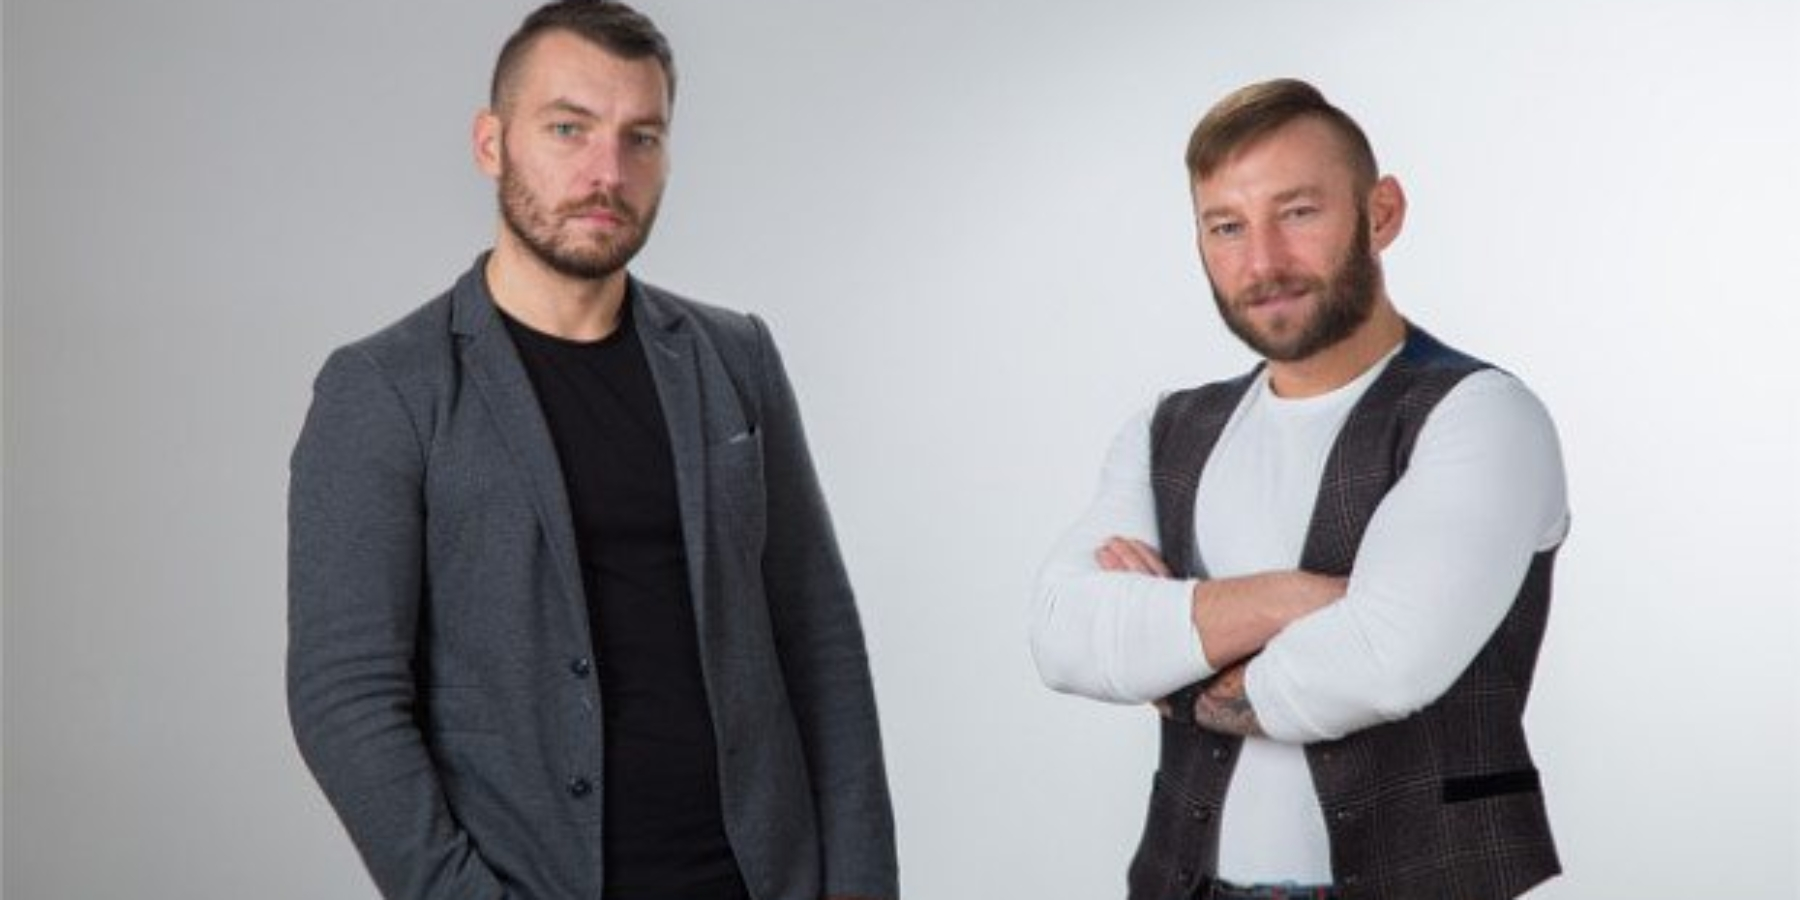 Startupy tonietylkoaplikacje iinternet. Poznaj braci Piotrowskich, którzytworzą boiska piłkarskie zkontenerów